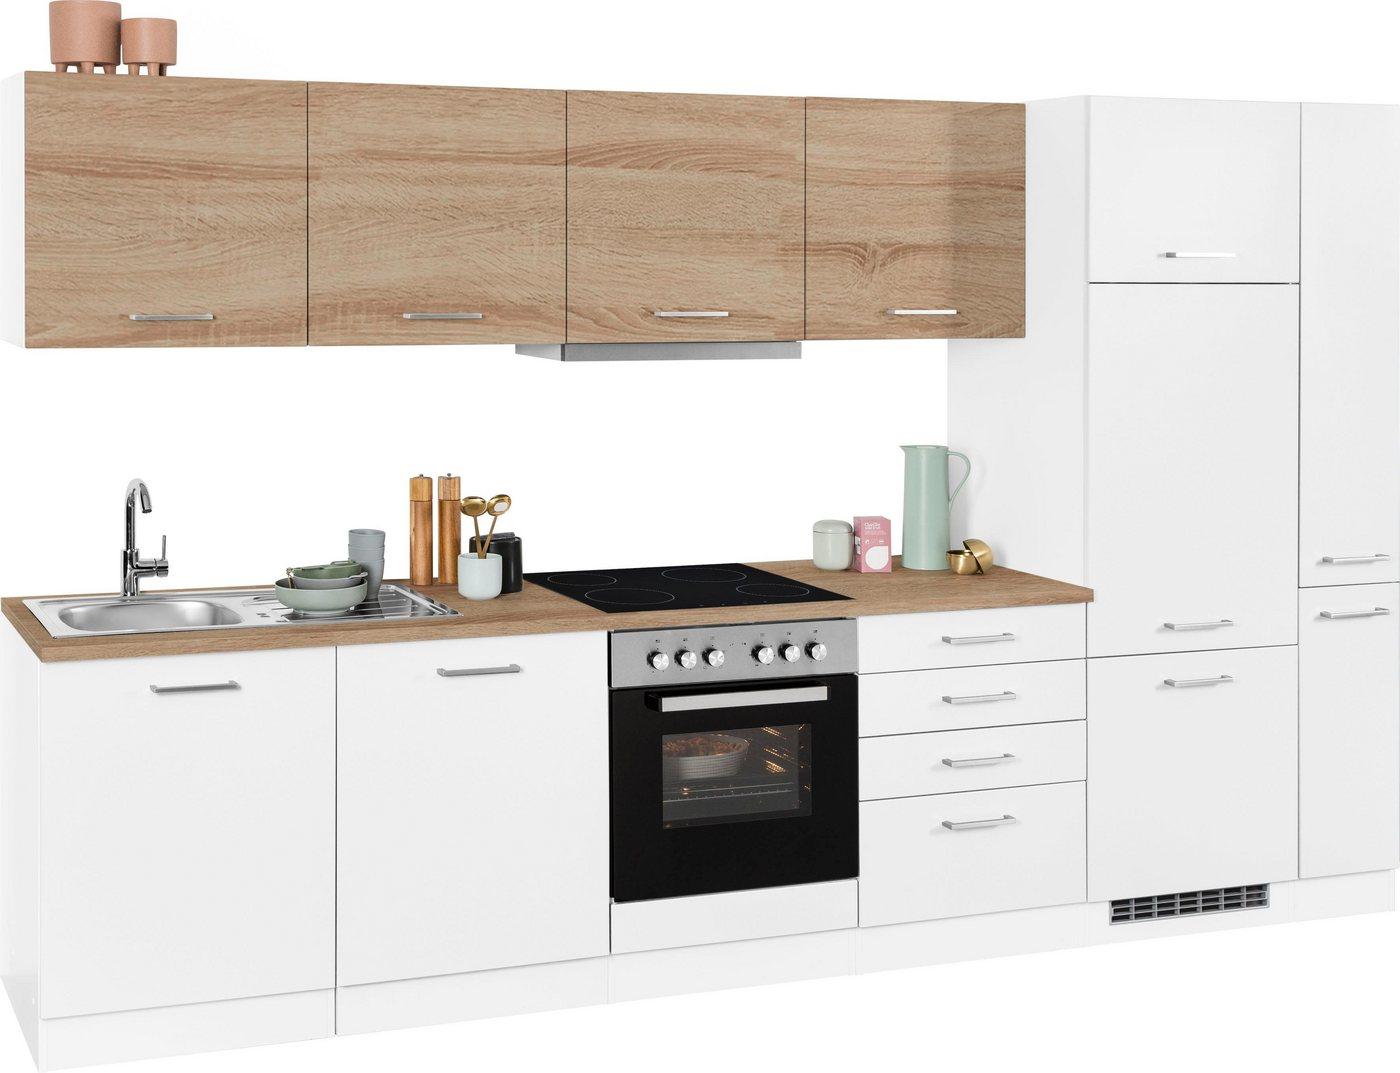 Stahl Küchenzeilen online kaufen | Möbel-Suchmaschine ...